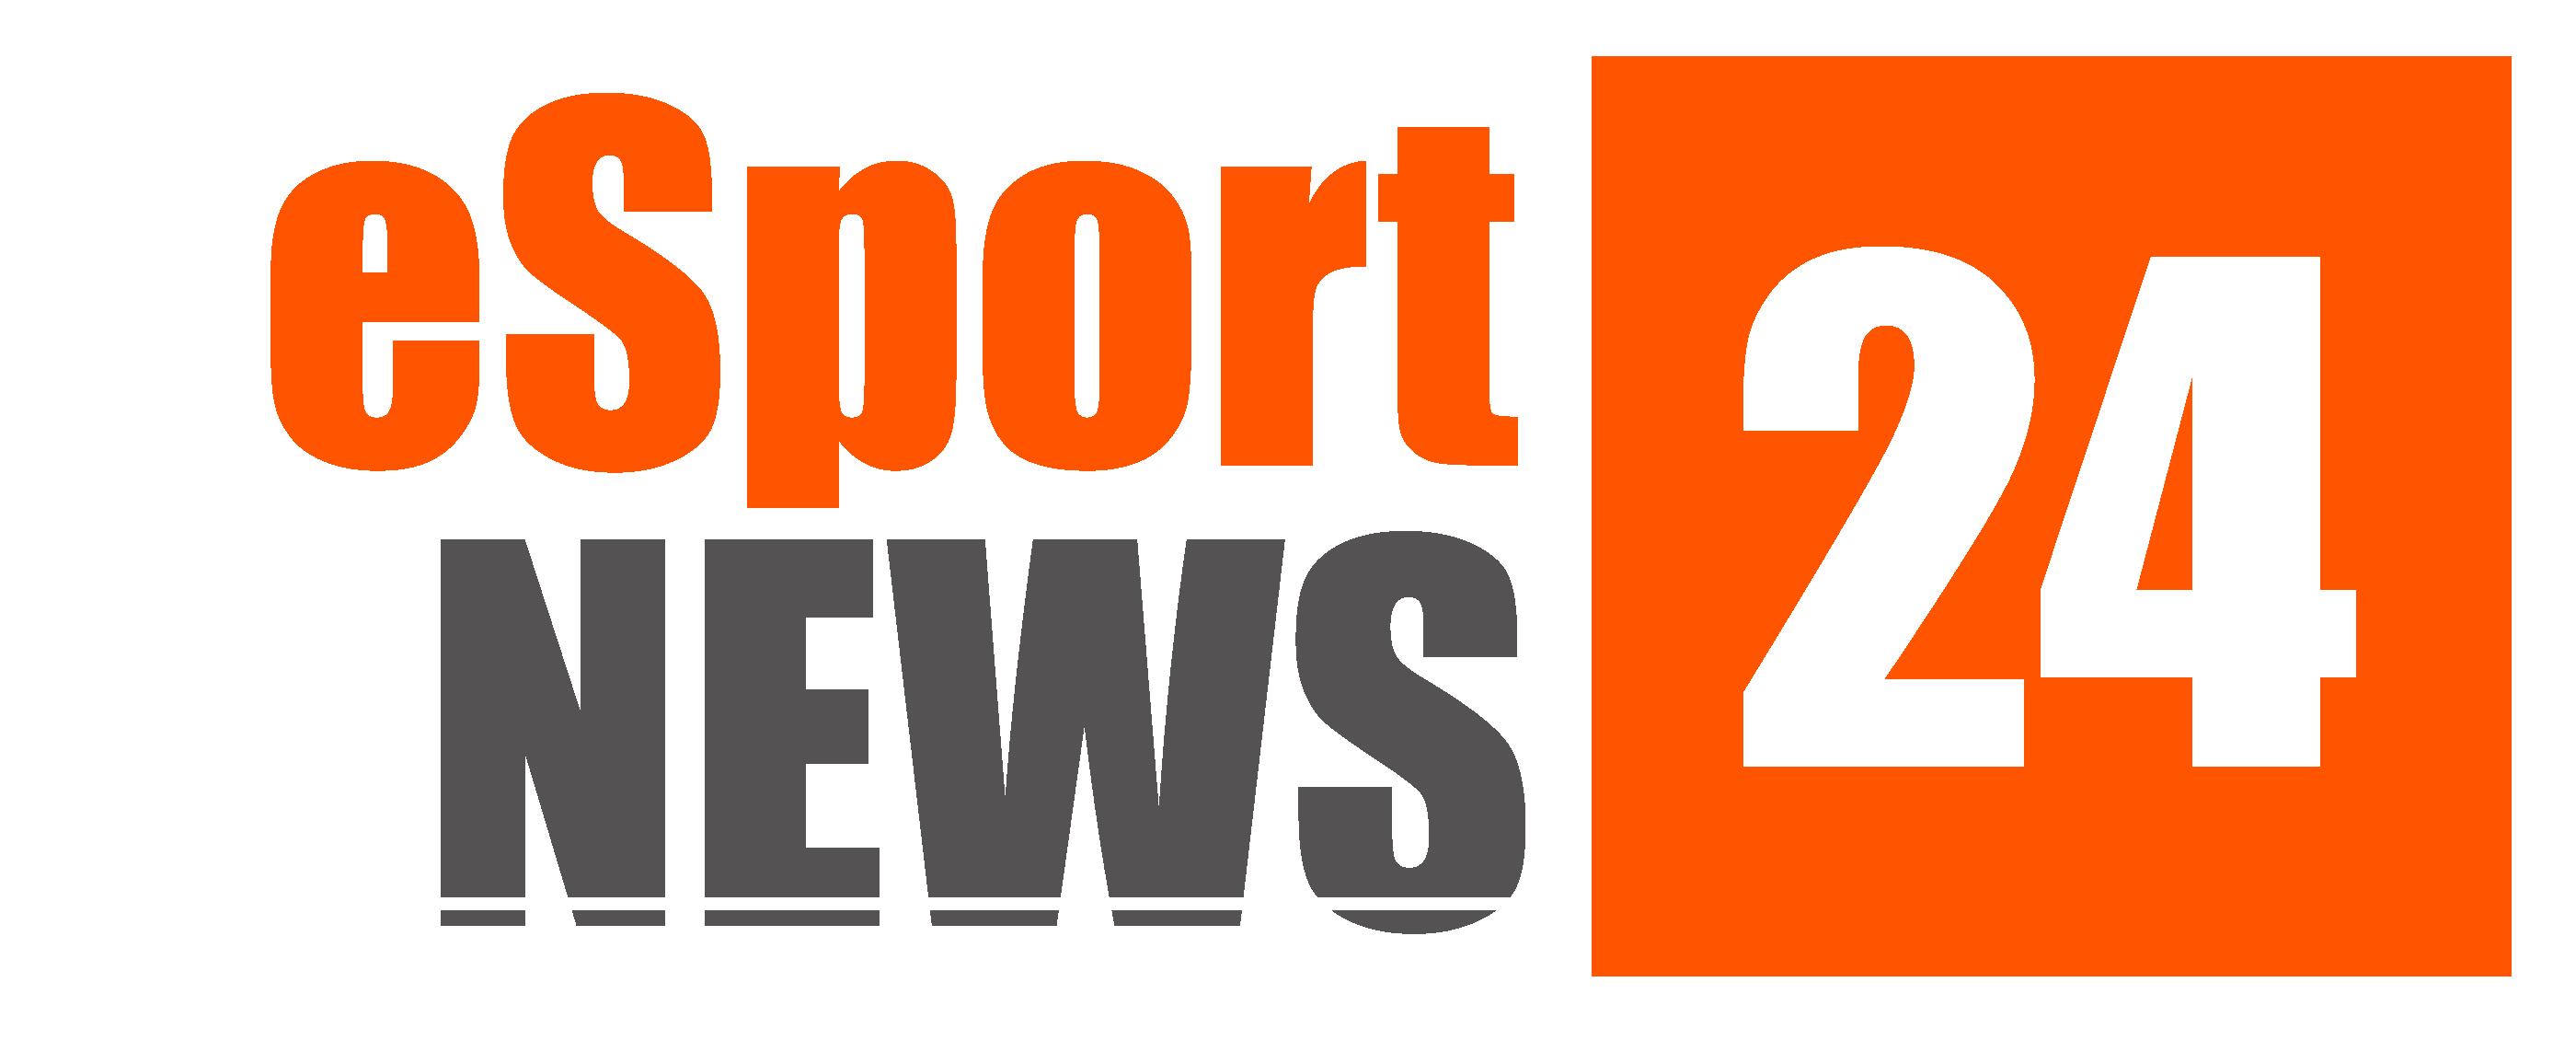 esportsnews24.cz